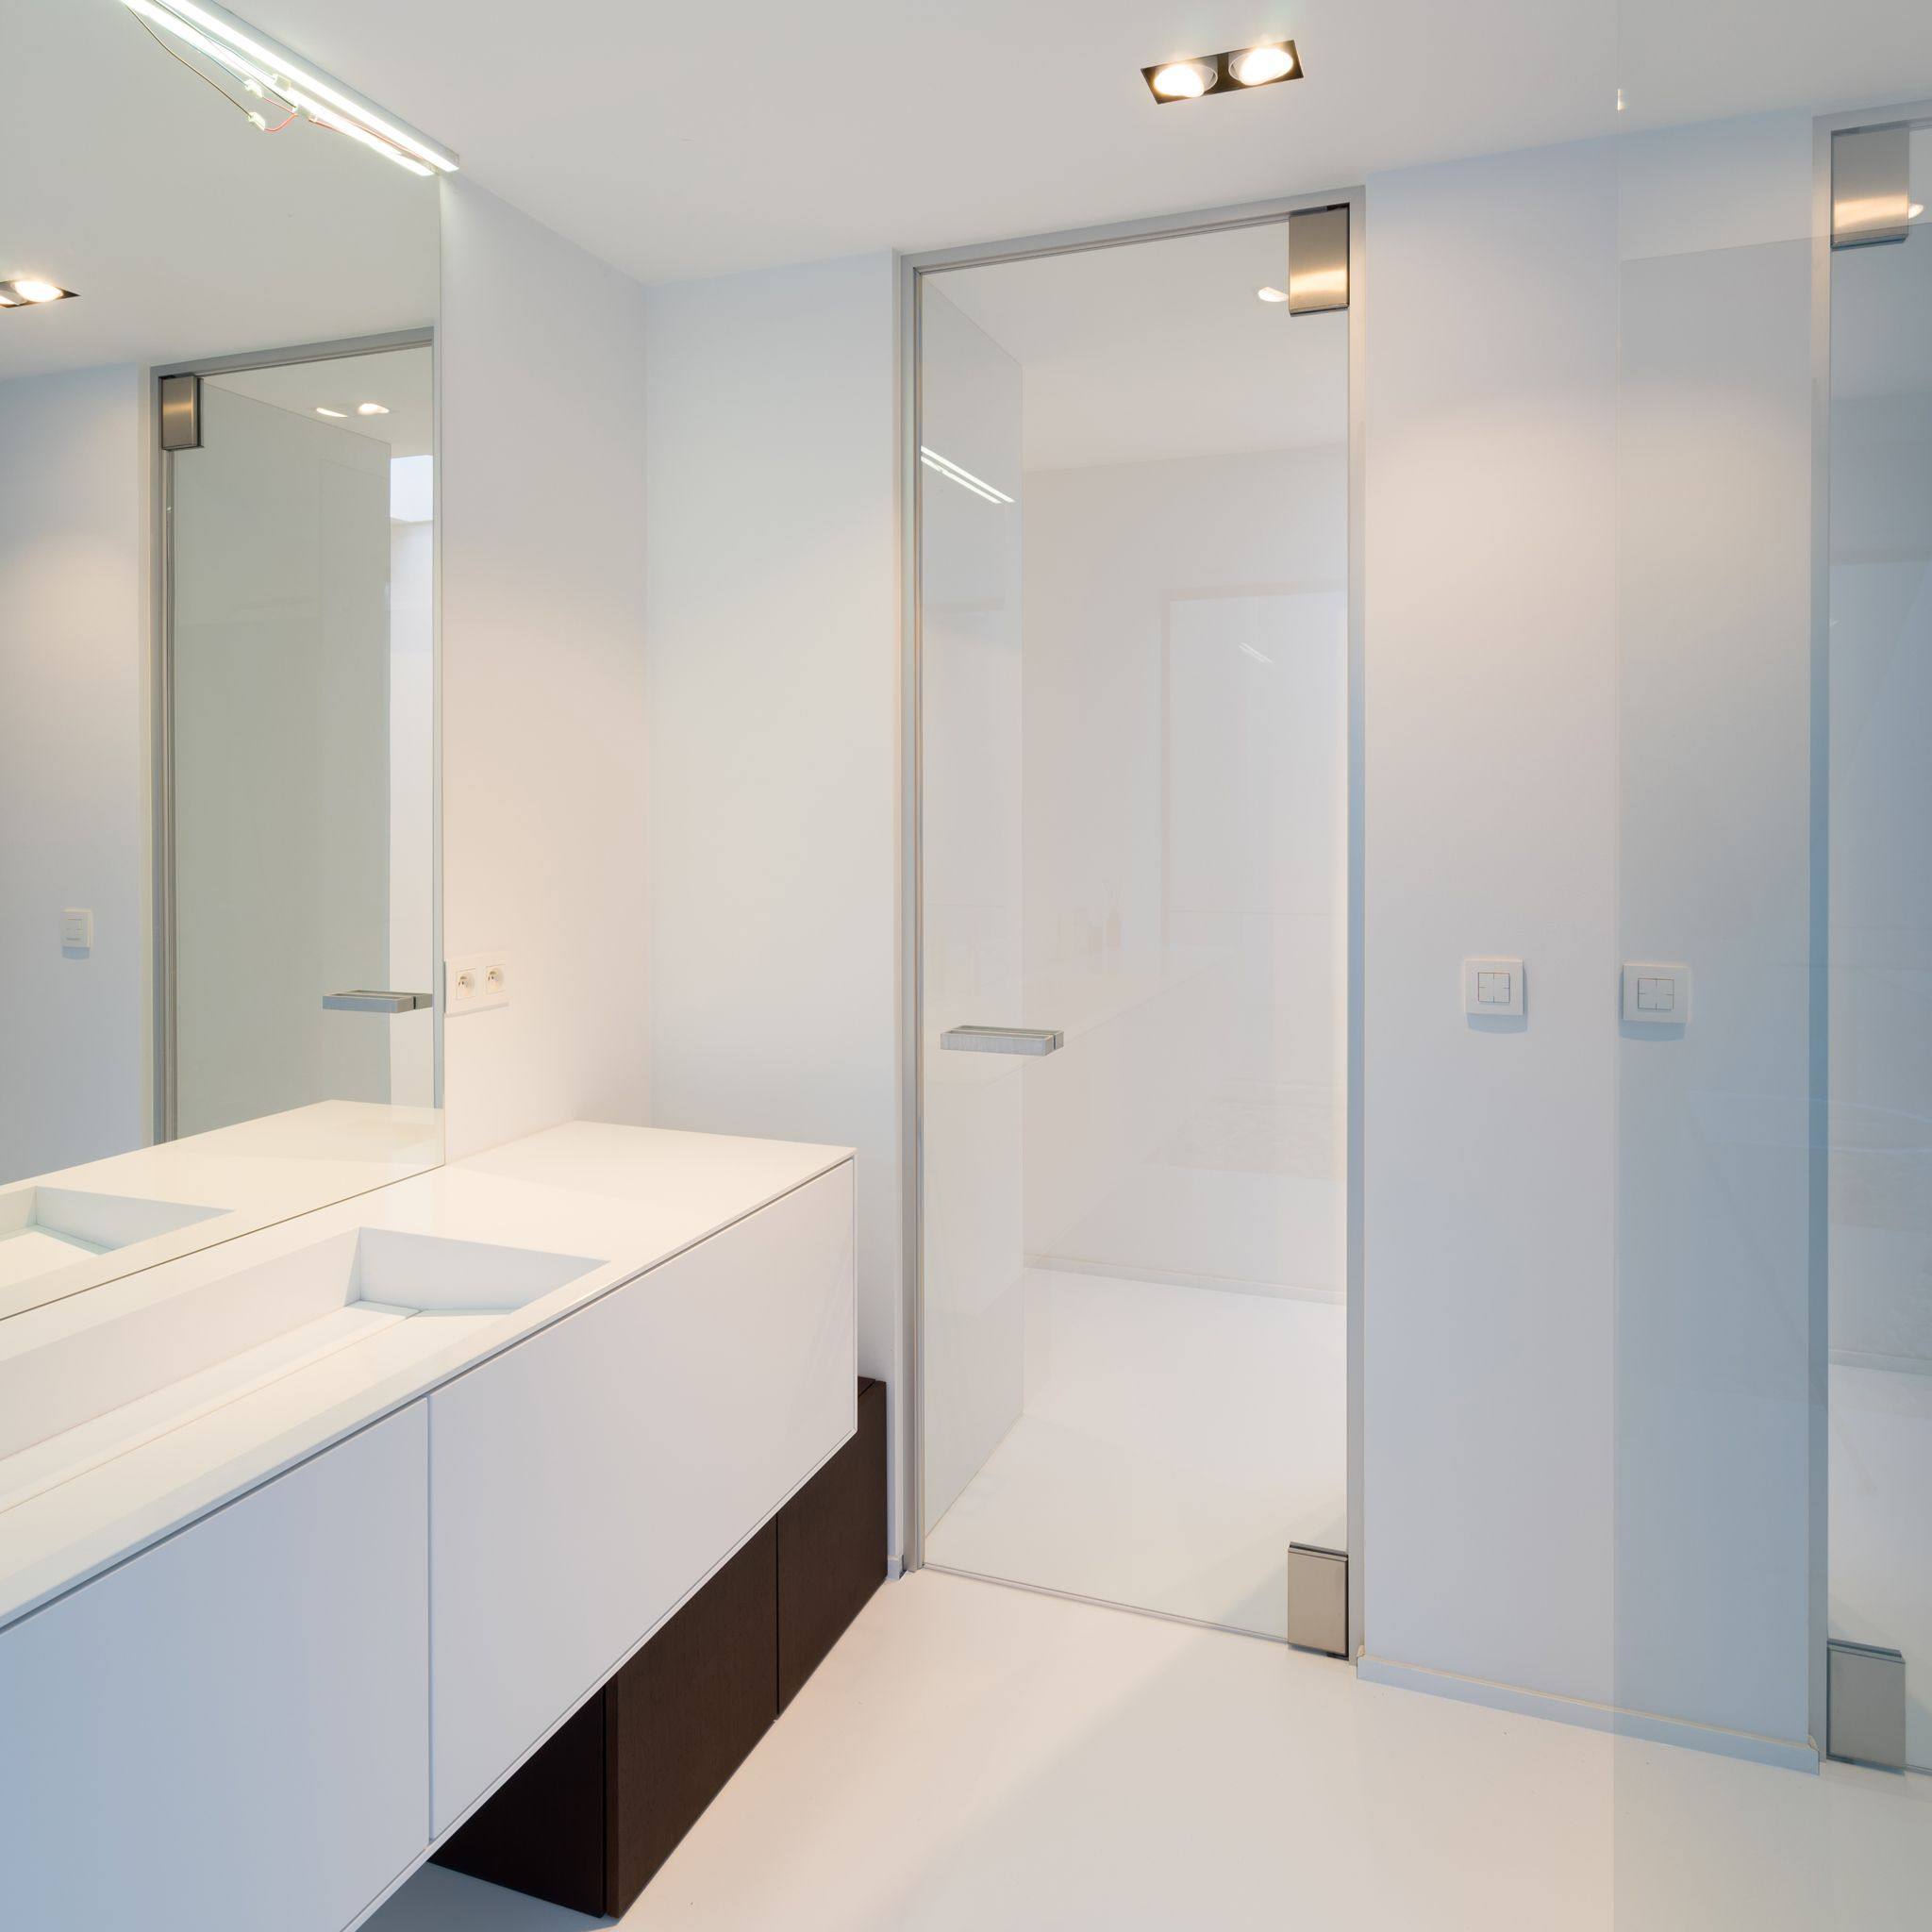 Bathroom Interior Door Glass Interior Door From Floor To Ceiling In A Modern Bathroom